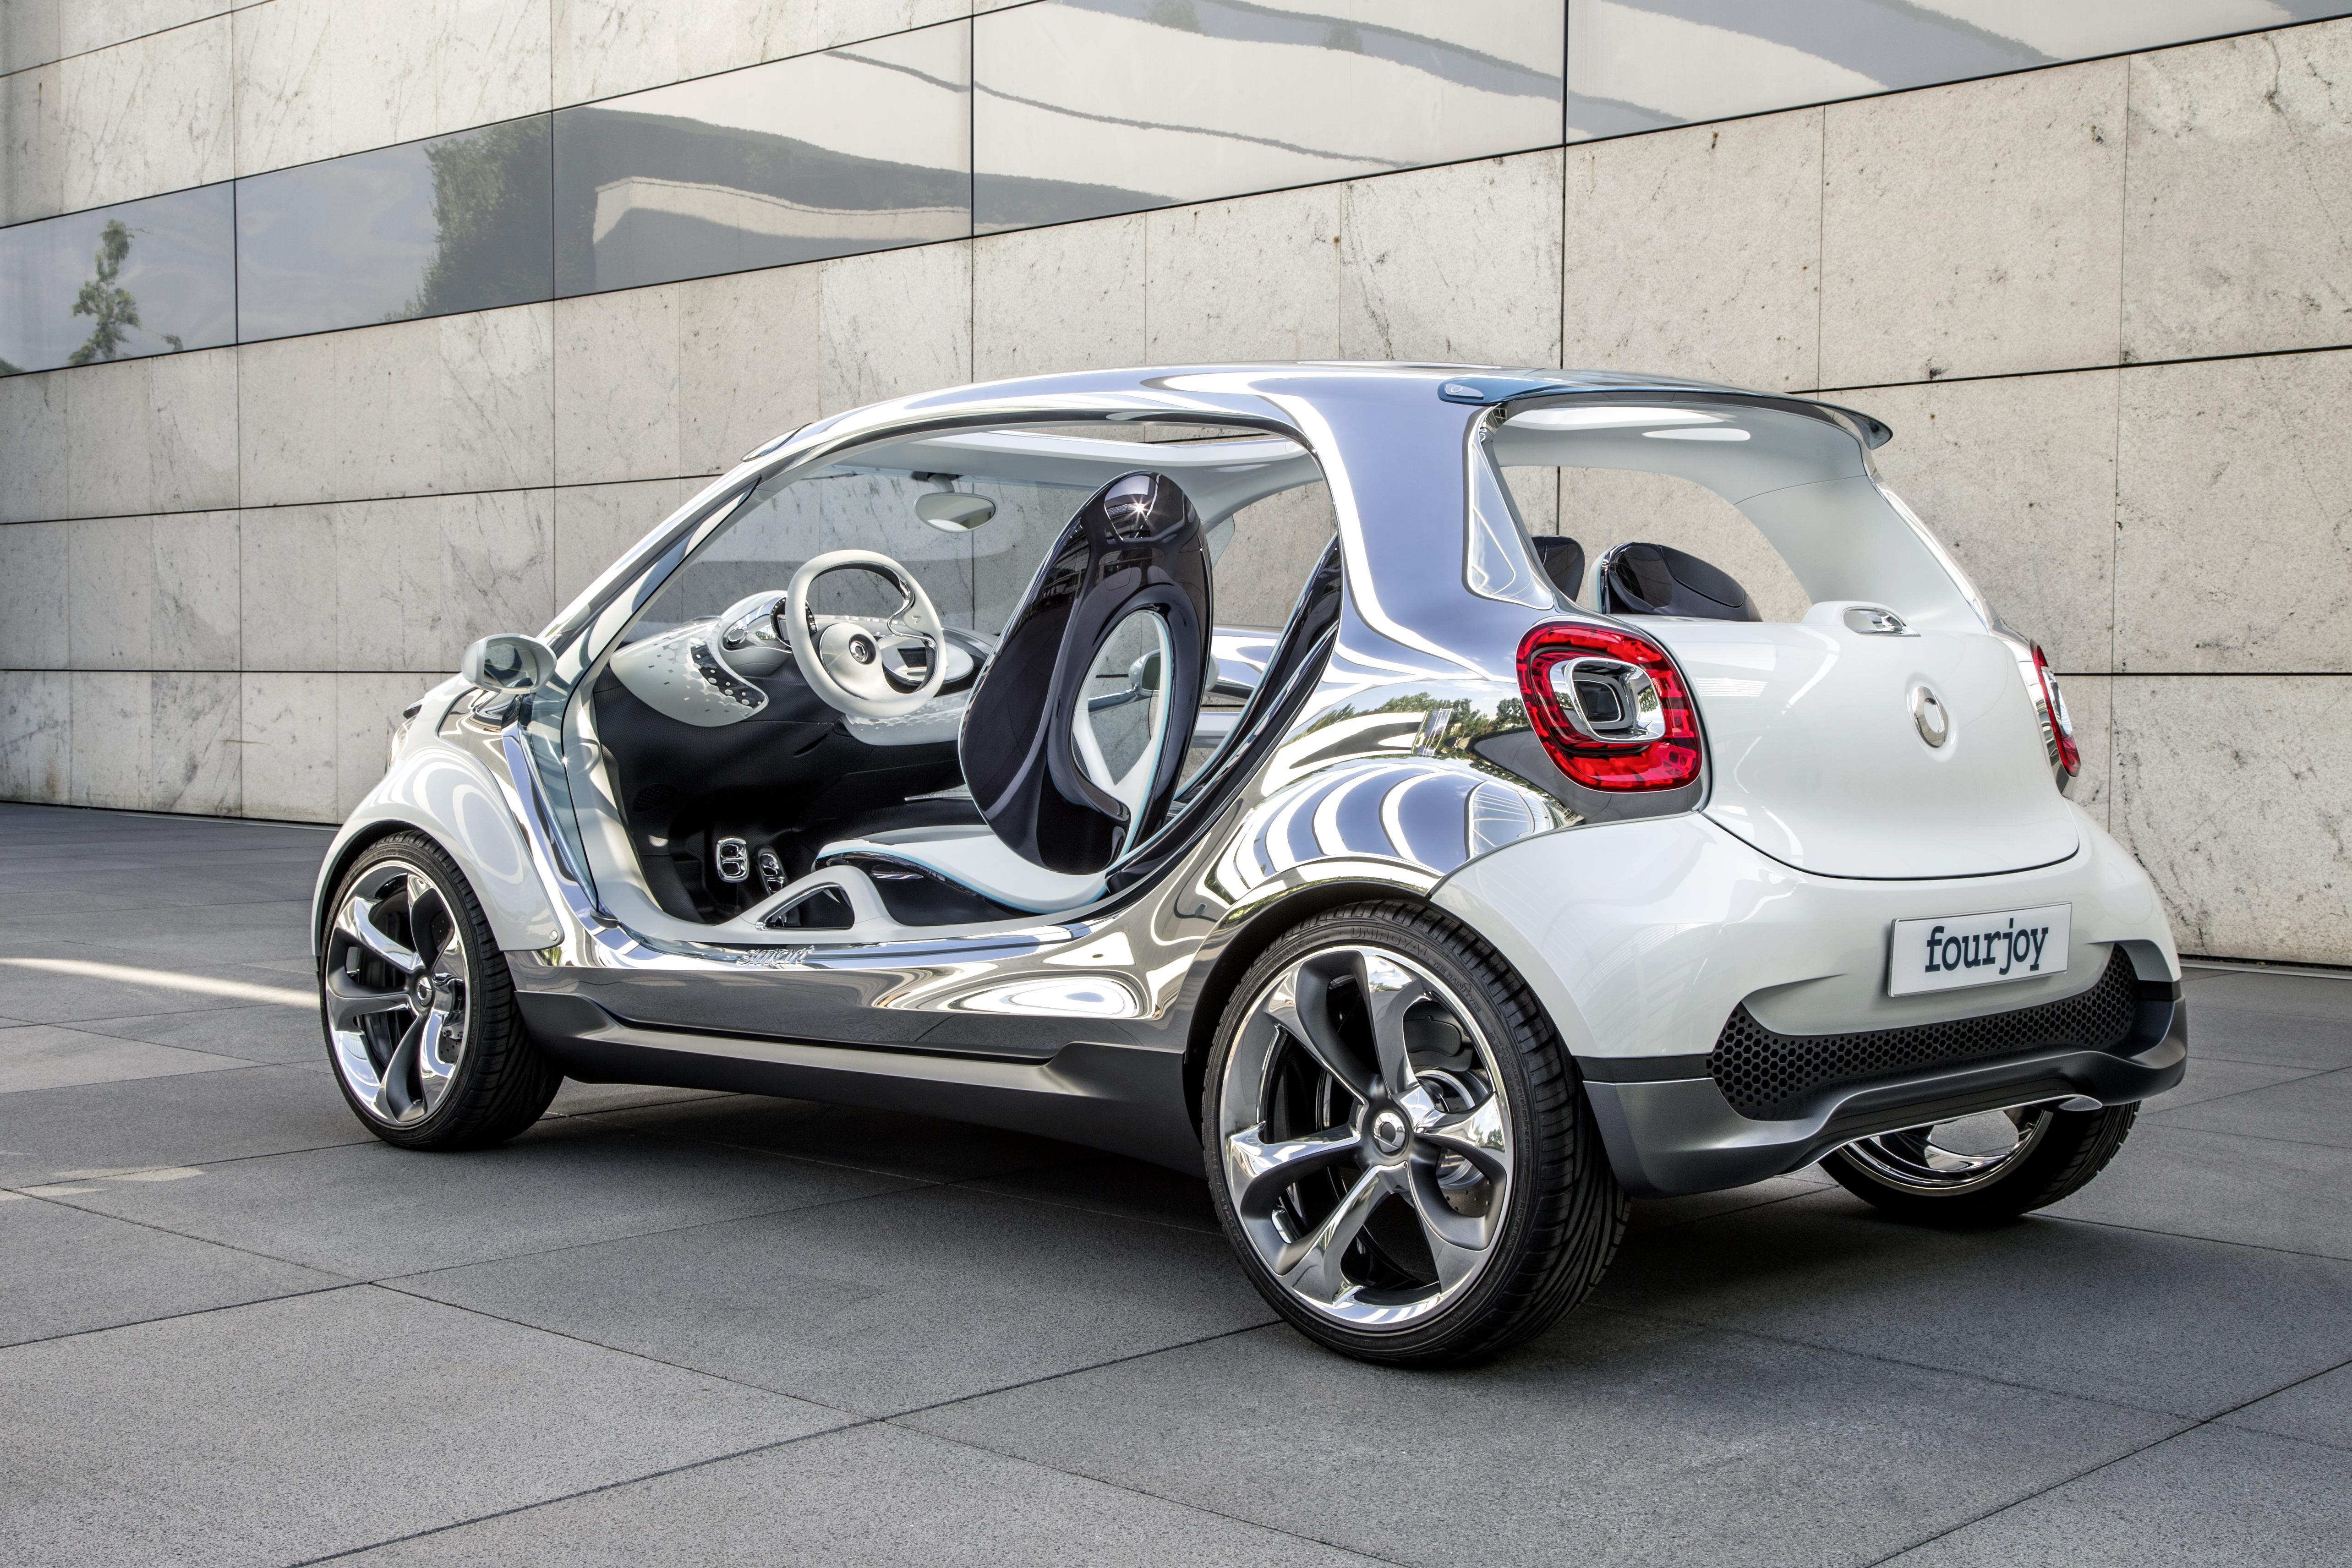 smart fourjoy 4 posti zero emissioni ed un modo nuovo di concepire l auto veicoli elettrici. Black Bedroom Furniture Sets. Home Design Ideas